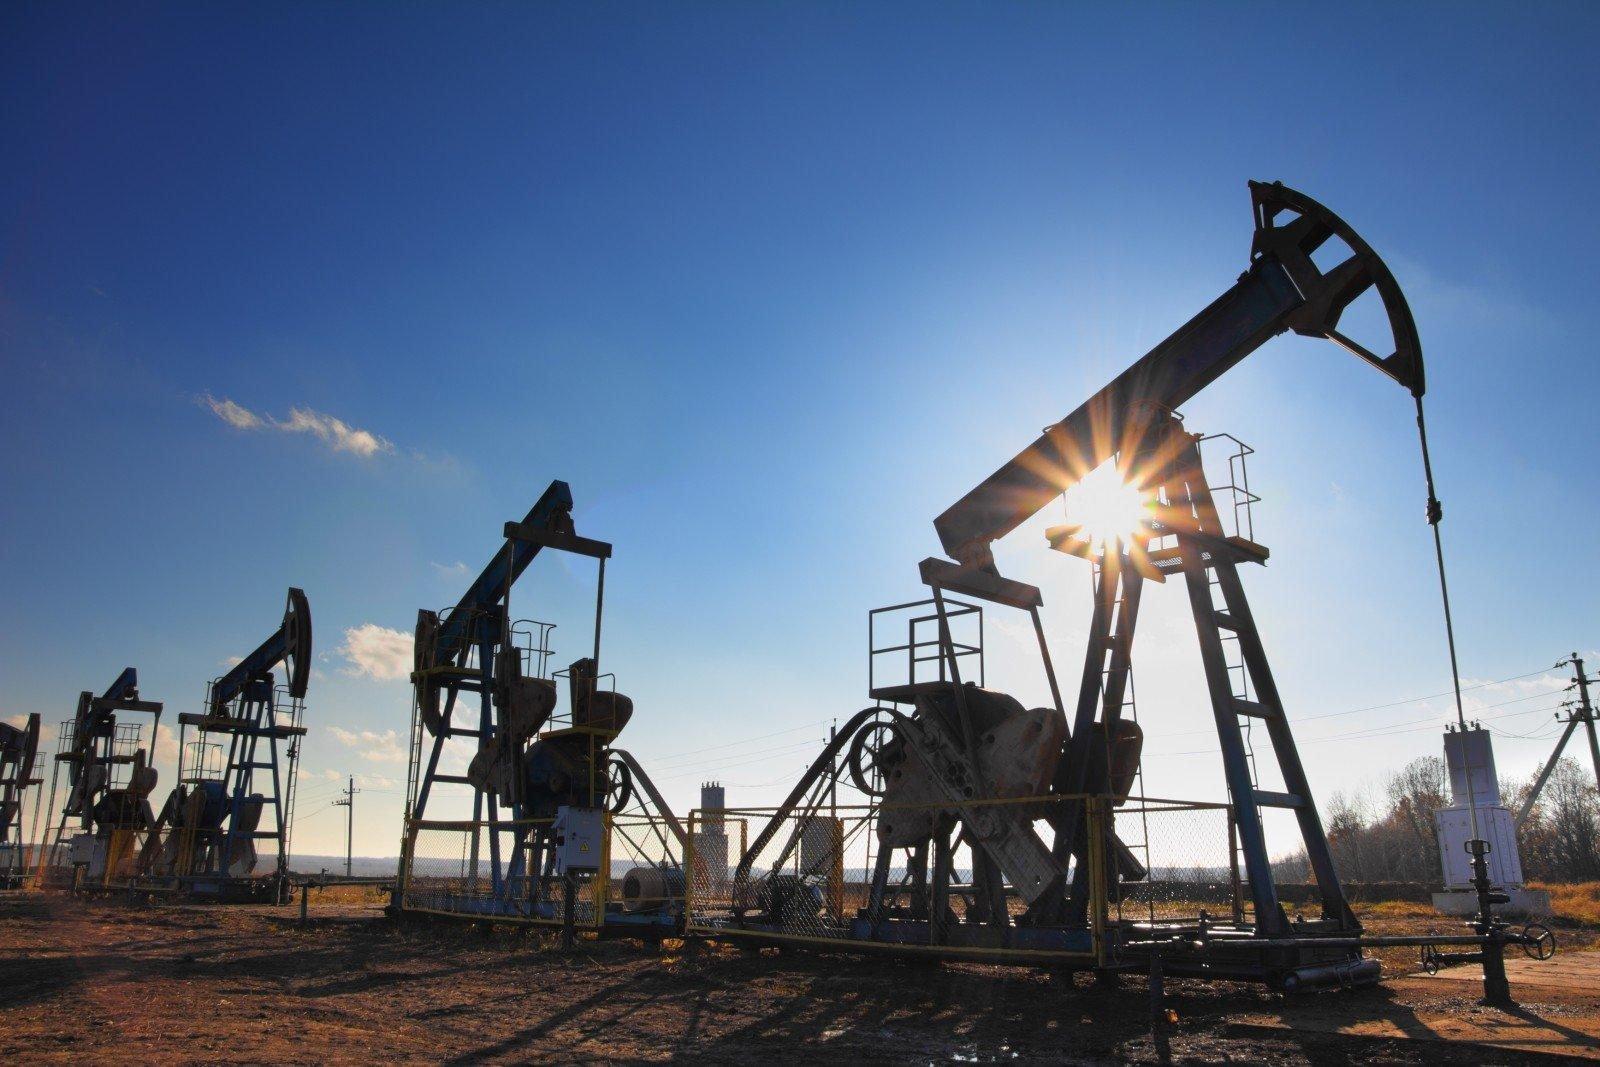 Какой прогноз спроса на нефть дают разные экономические организации?